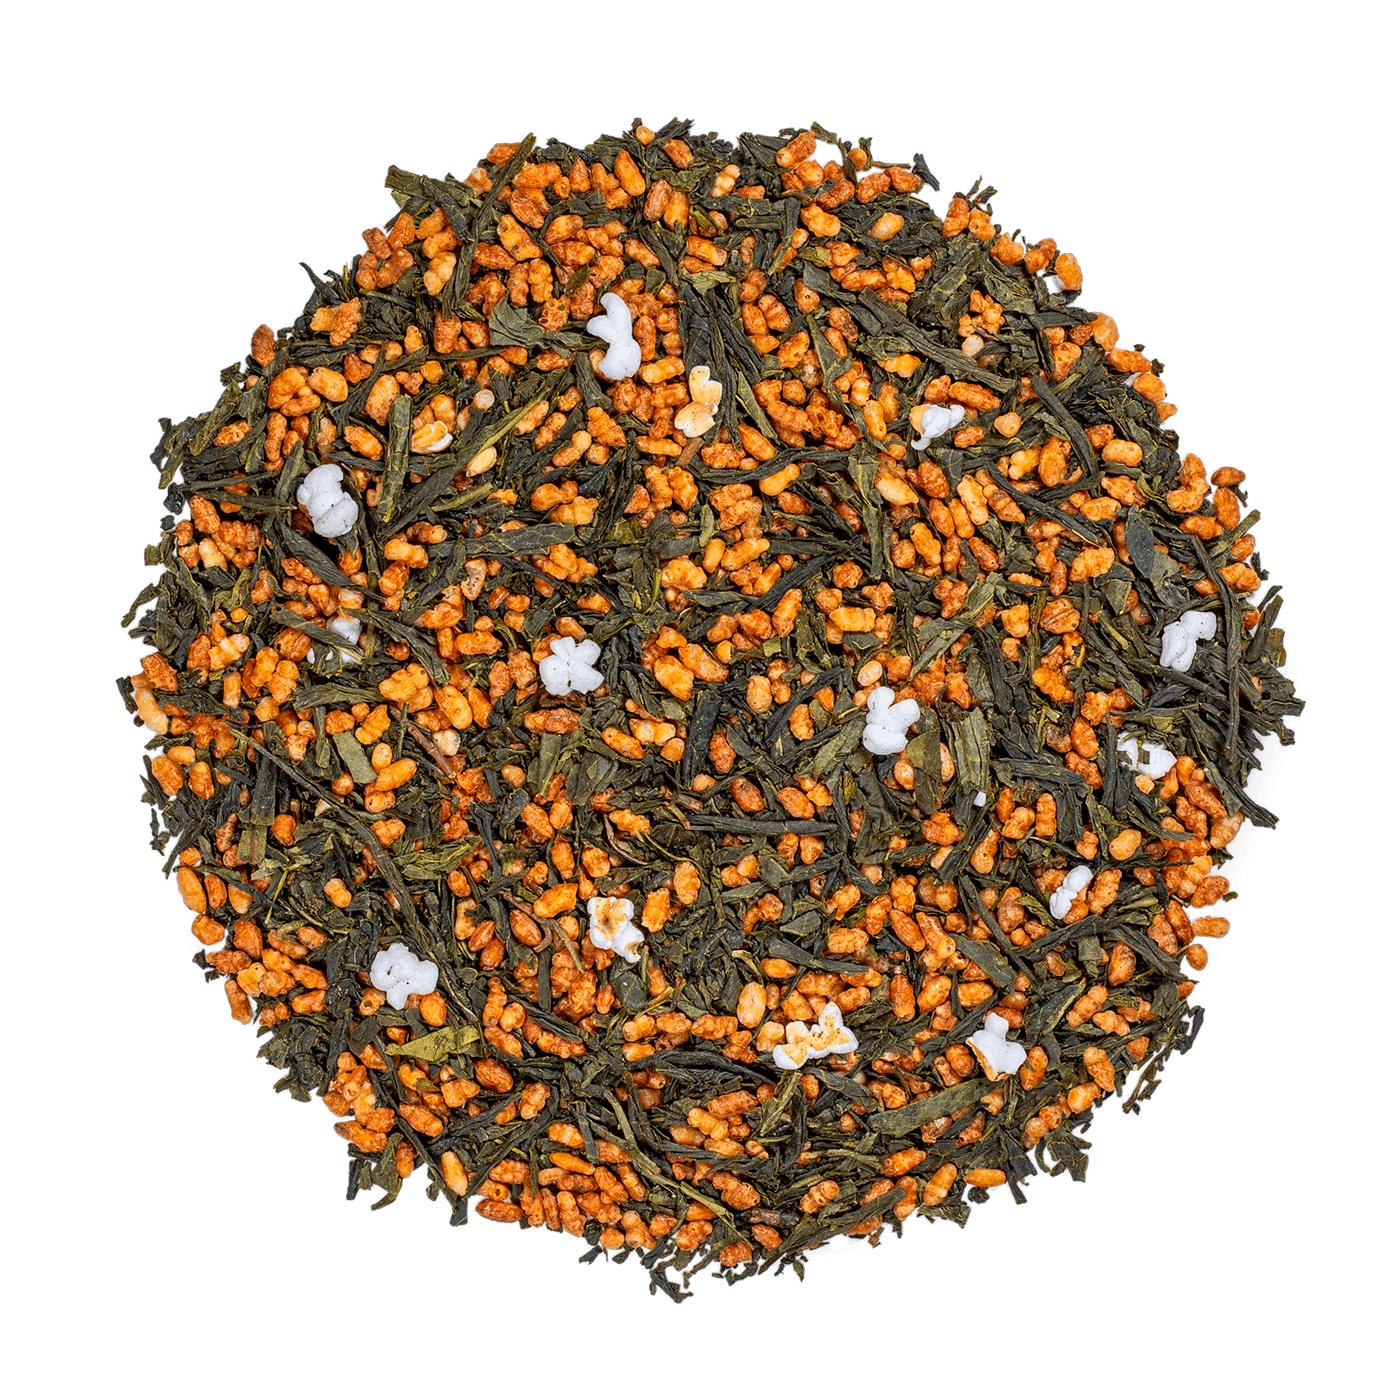 KUSMI TEA Genmaicha Bio - Thé vert aux grains de riz grillés et soufflés - Thé en vrac - Kusmi Tea